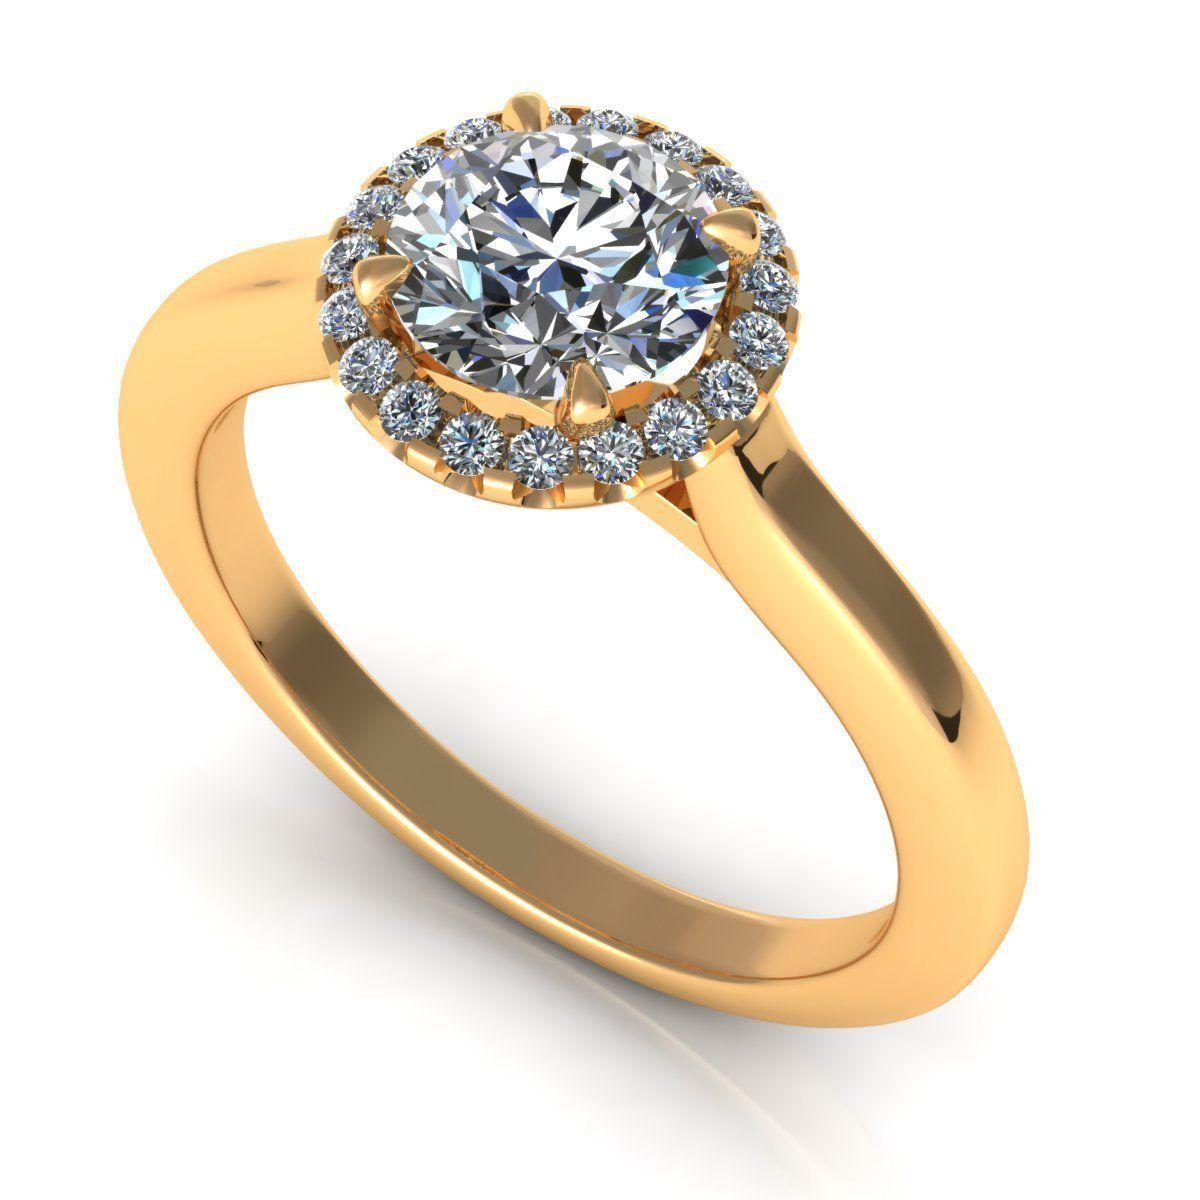 Rings For Female 3D Model 3D Printable .stl